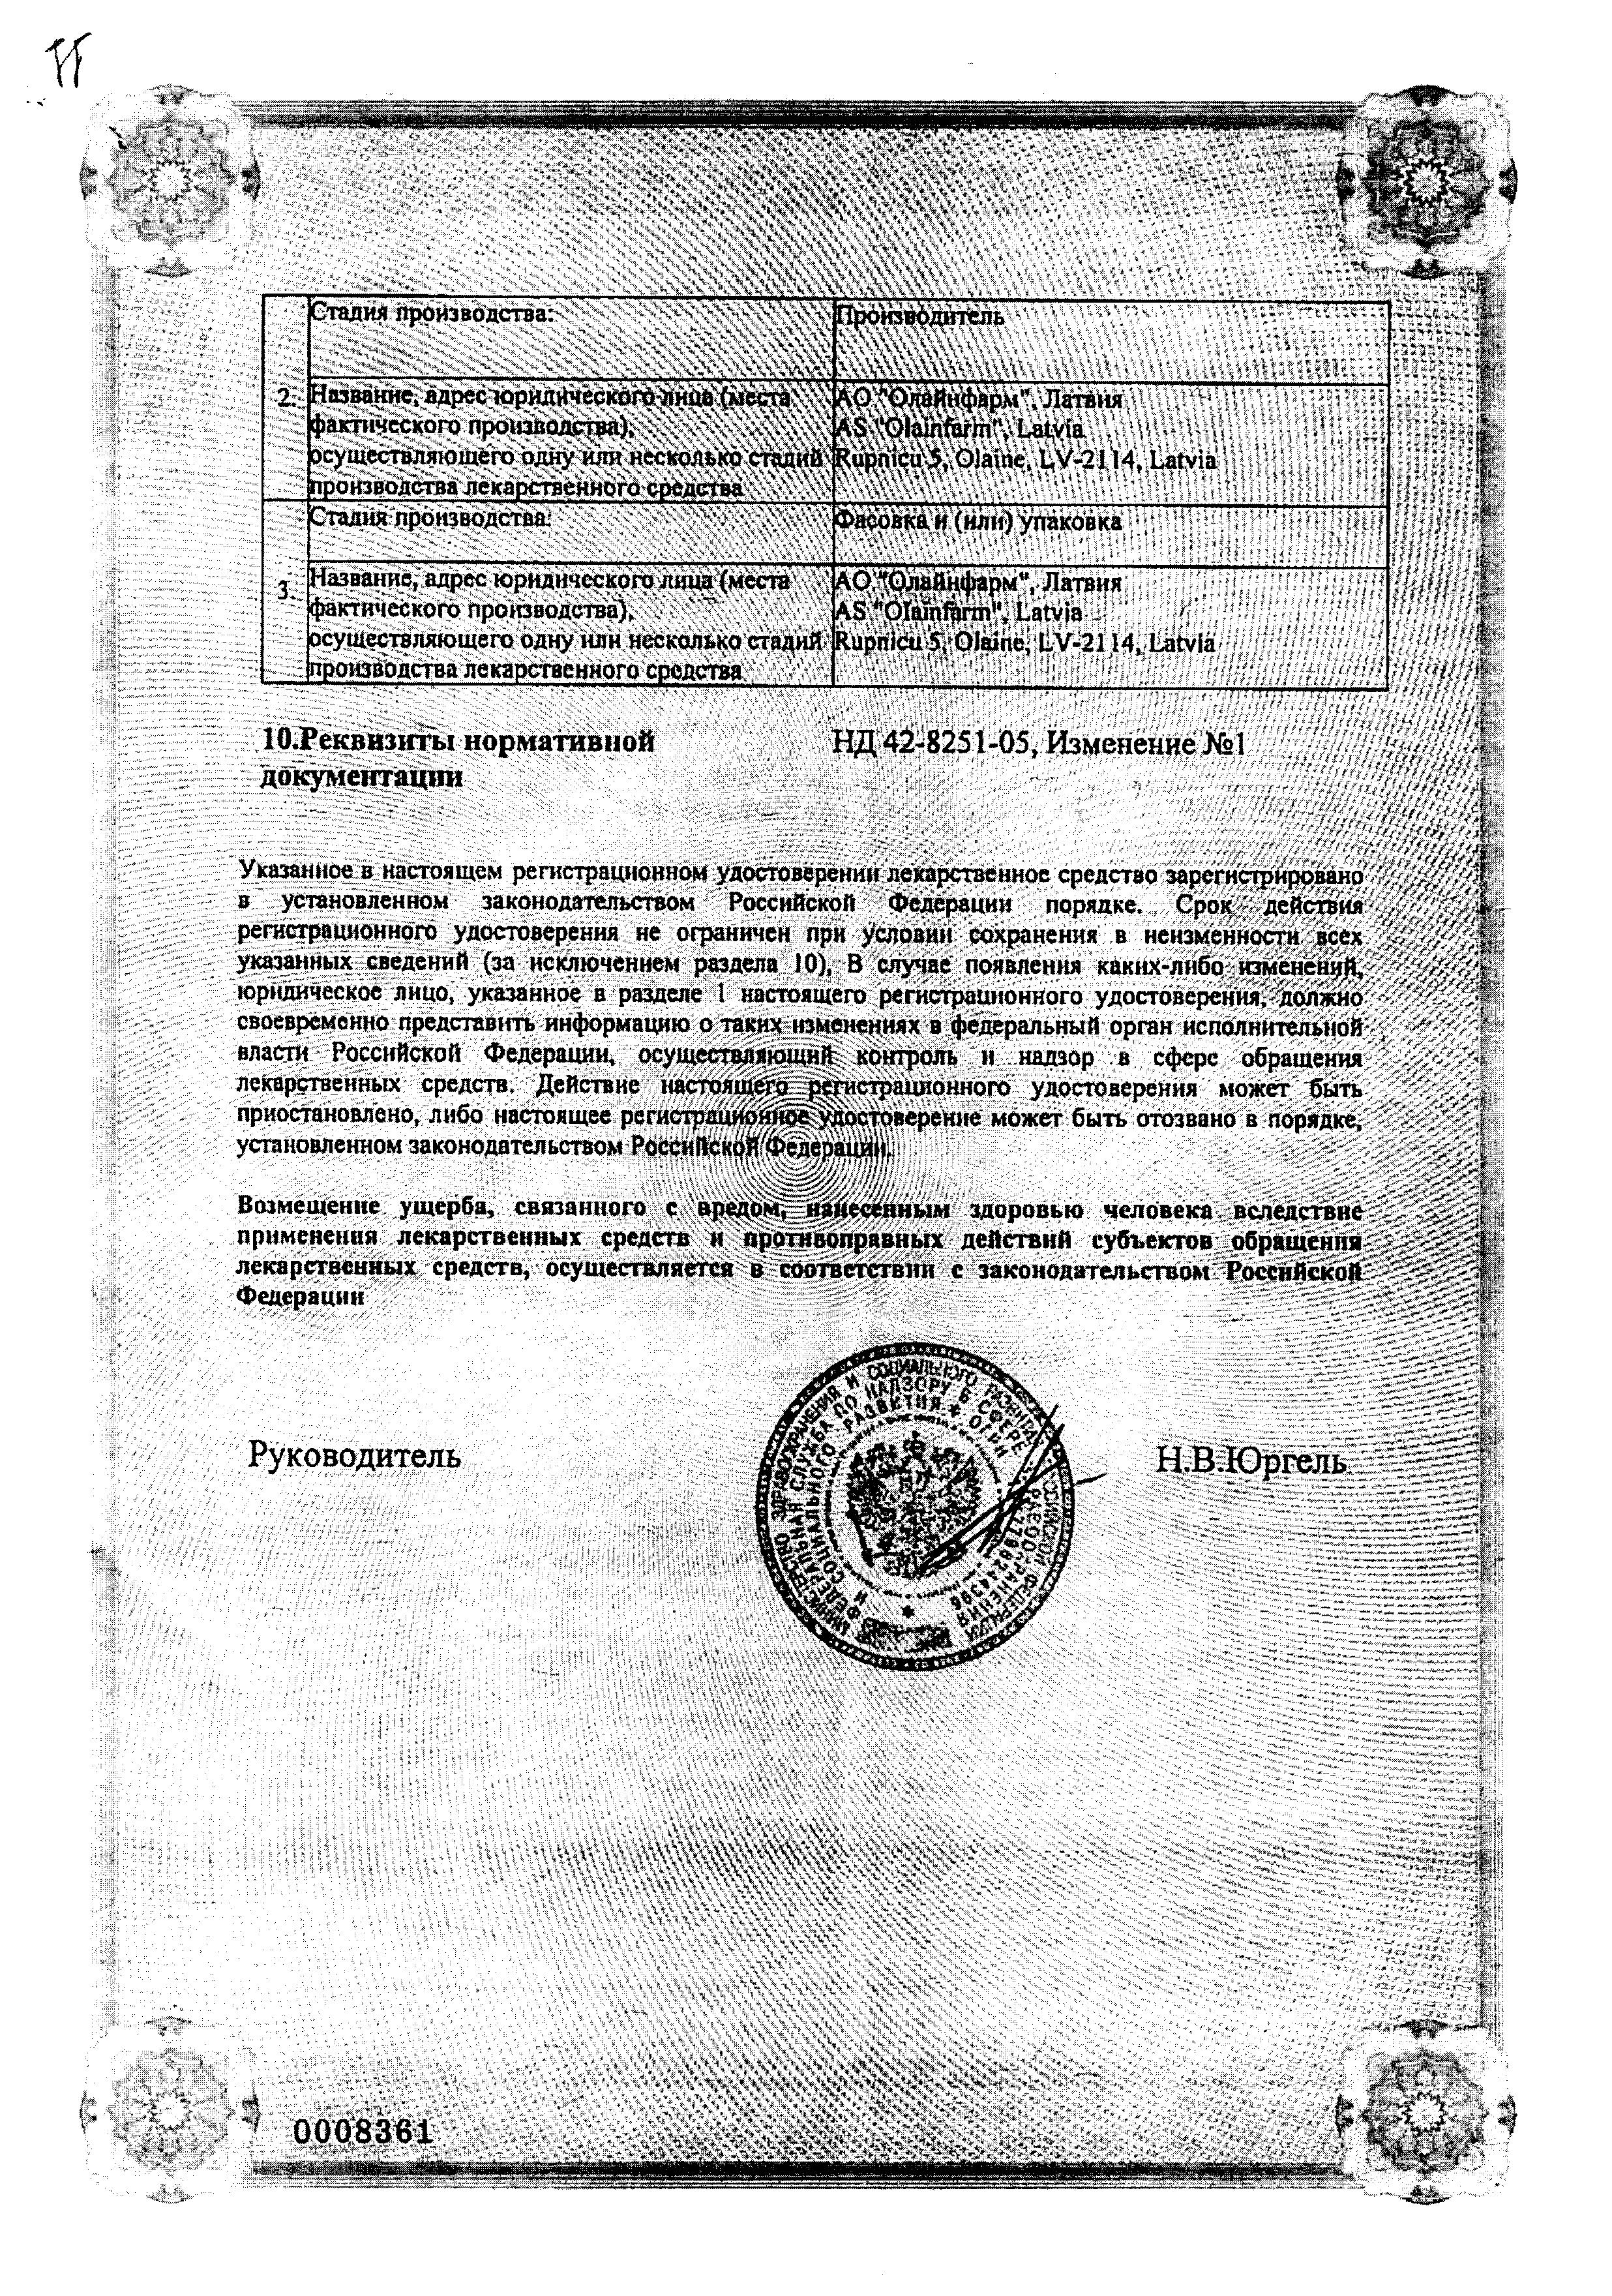 Фурадонин сертификат